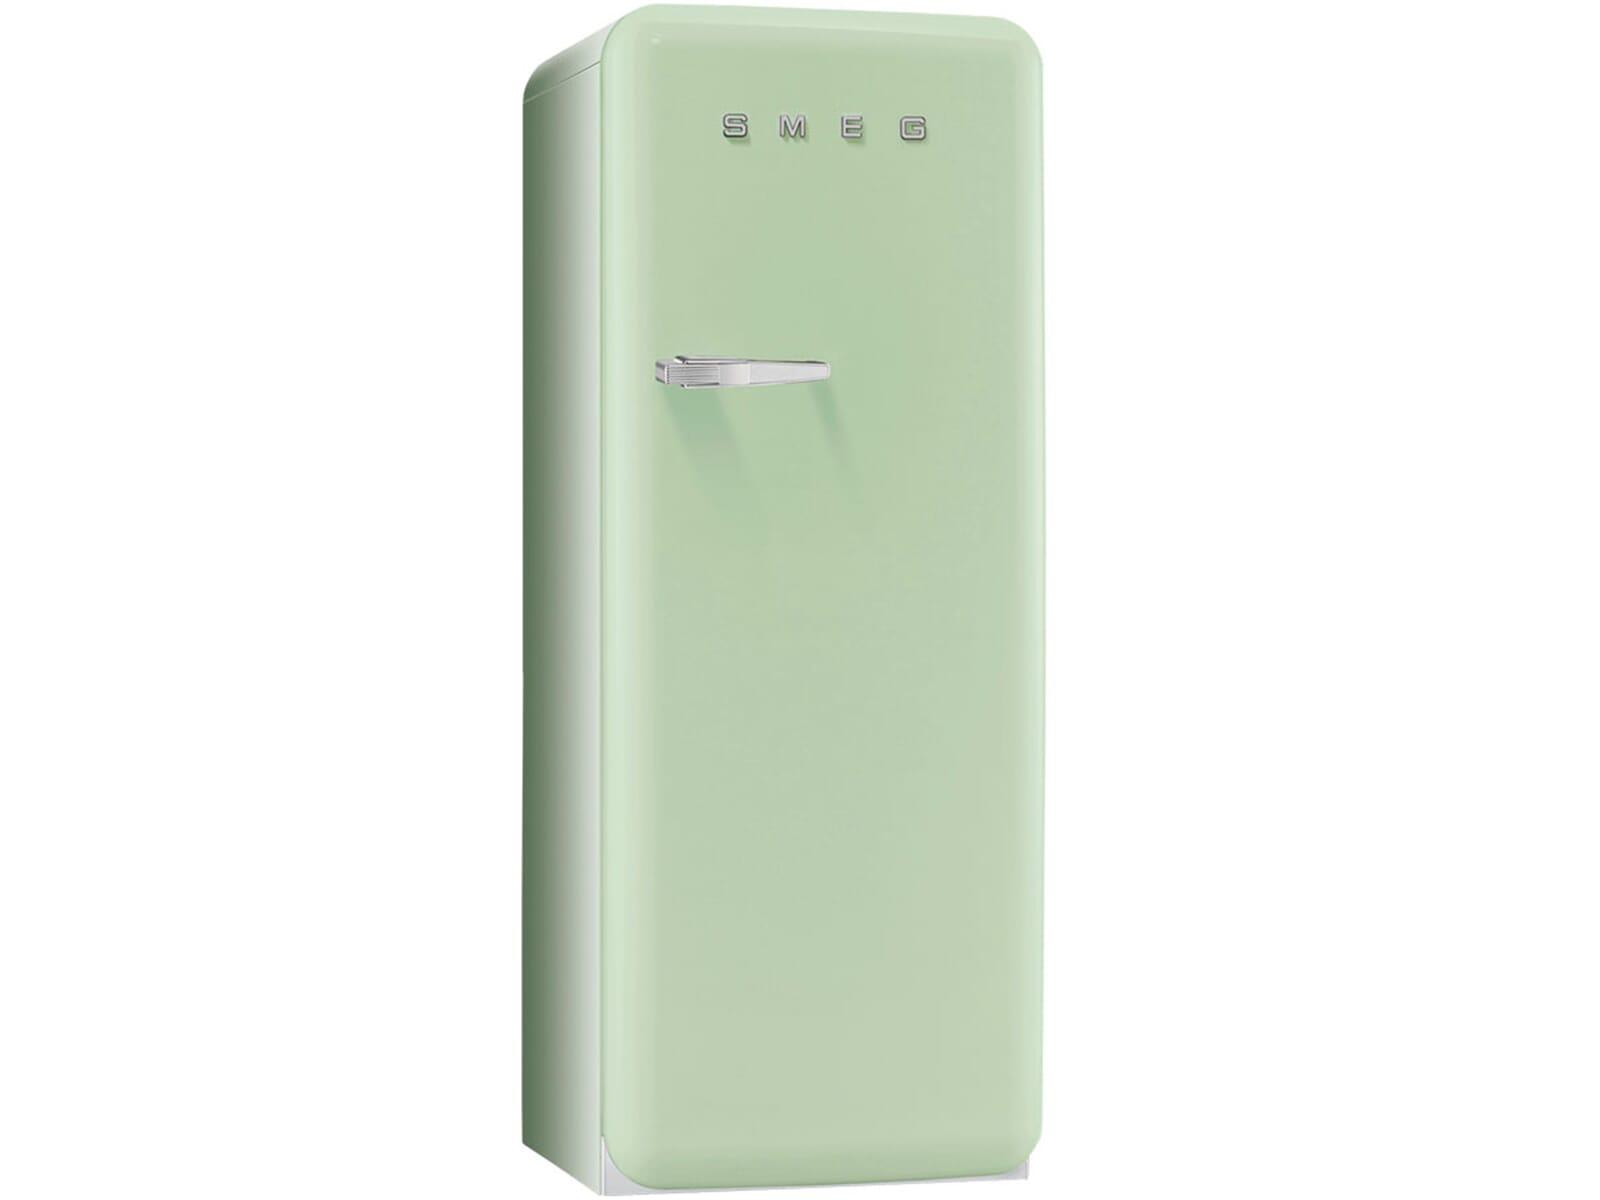 Smeg Unterbau Kühlschrank : Smeg unterbau kühlschrank: mickey mouse fans aufgepasst disney und